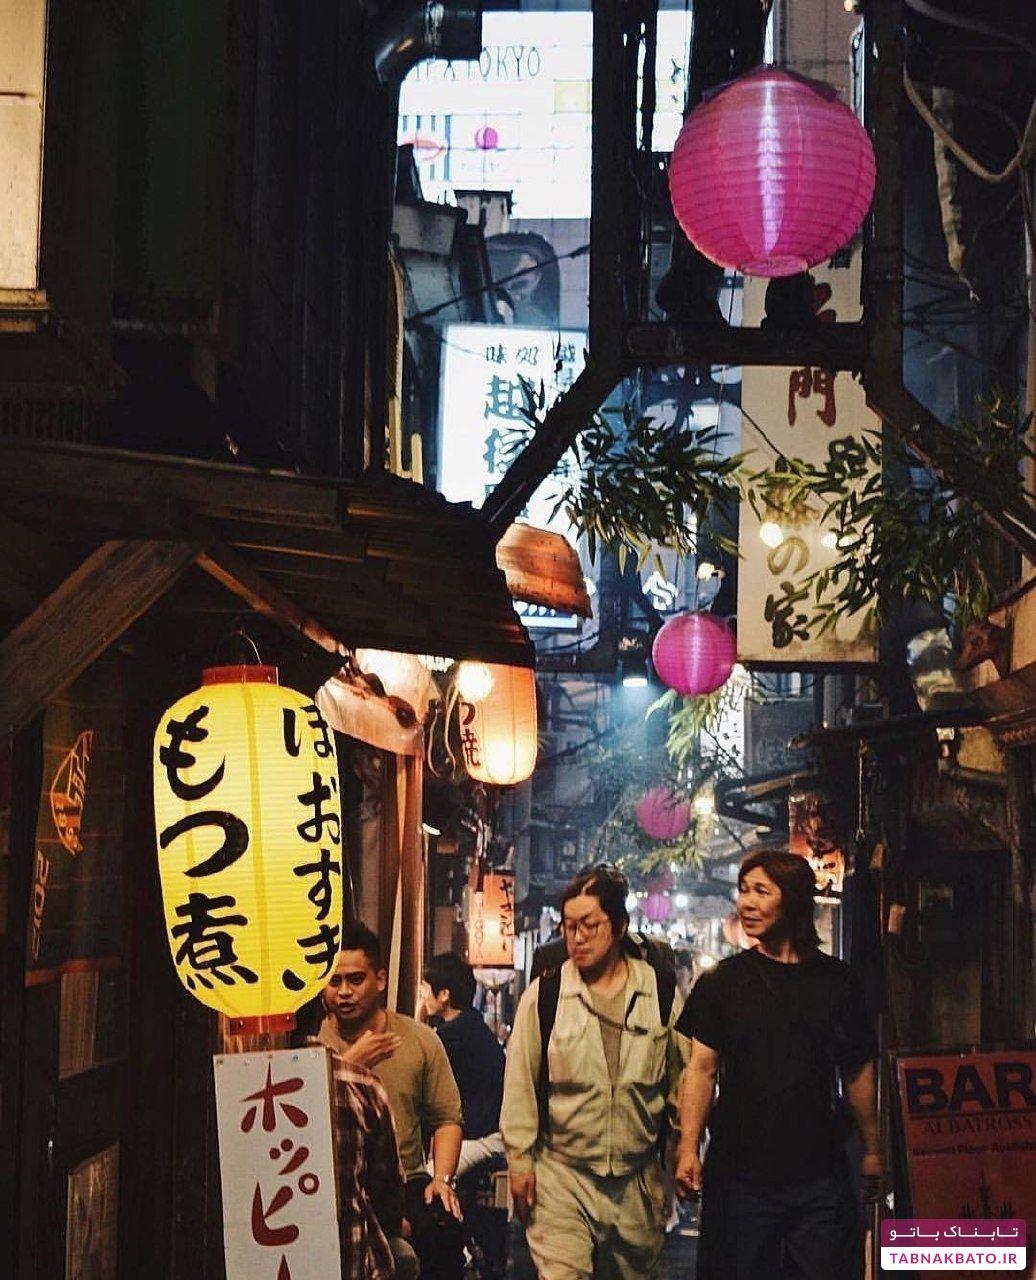 چرا خیابانهای ژاپن اسم ندارد؟!